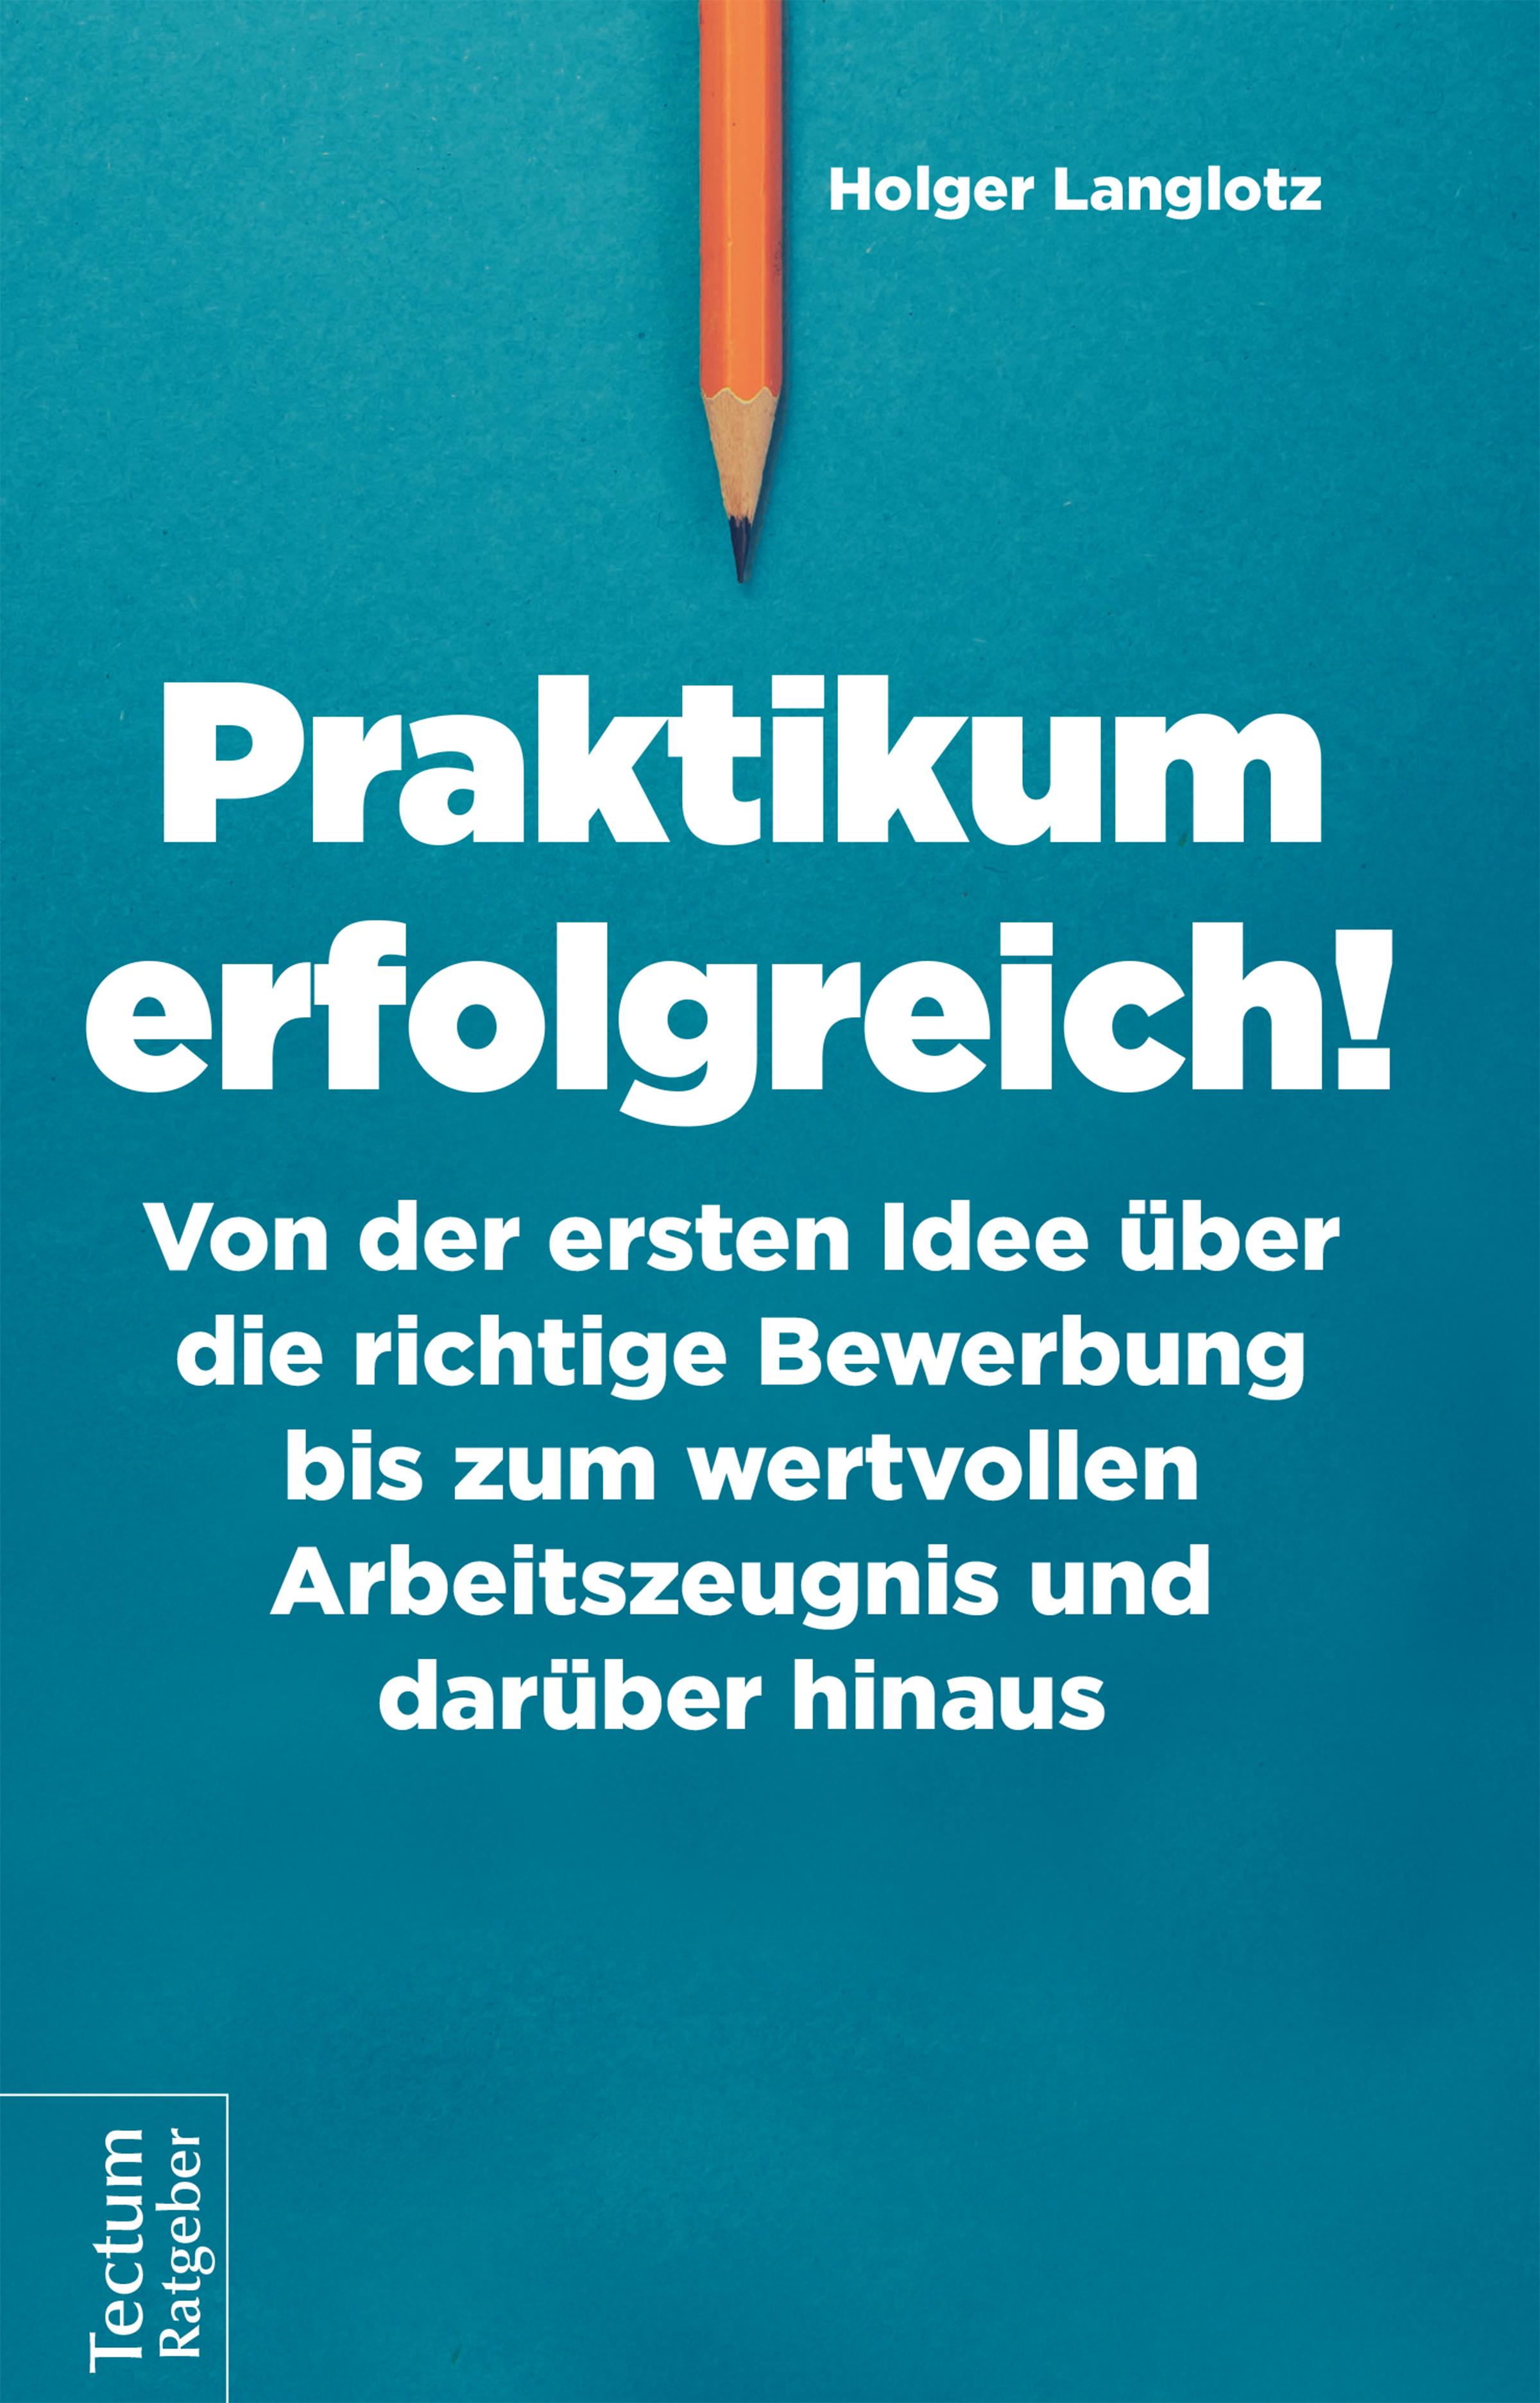 Holger Langlotz Praktikum erfolgreich!